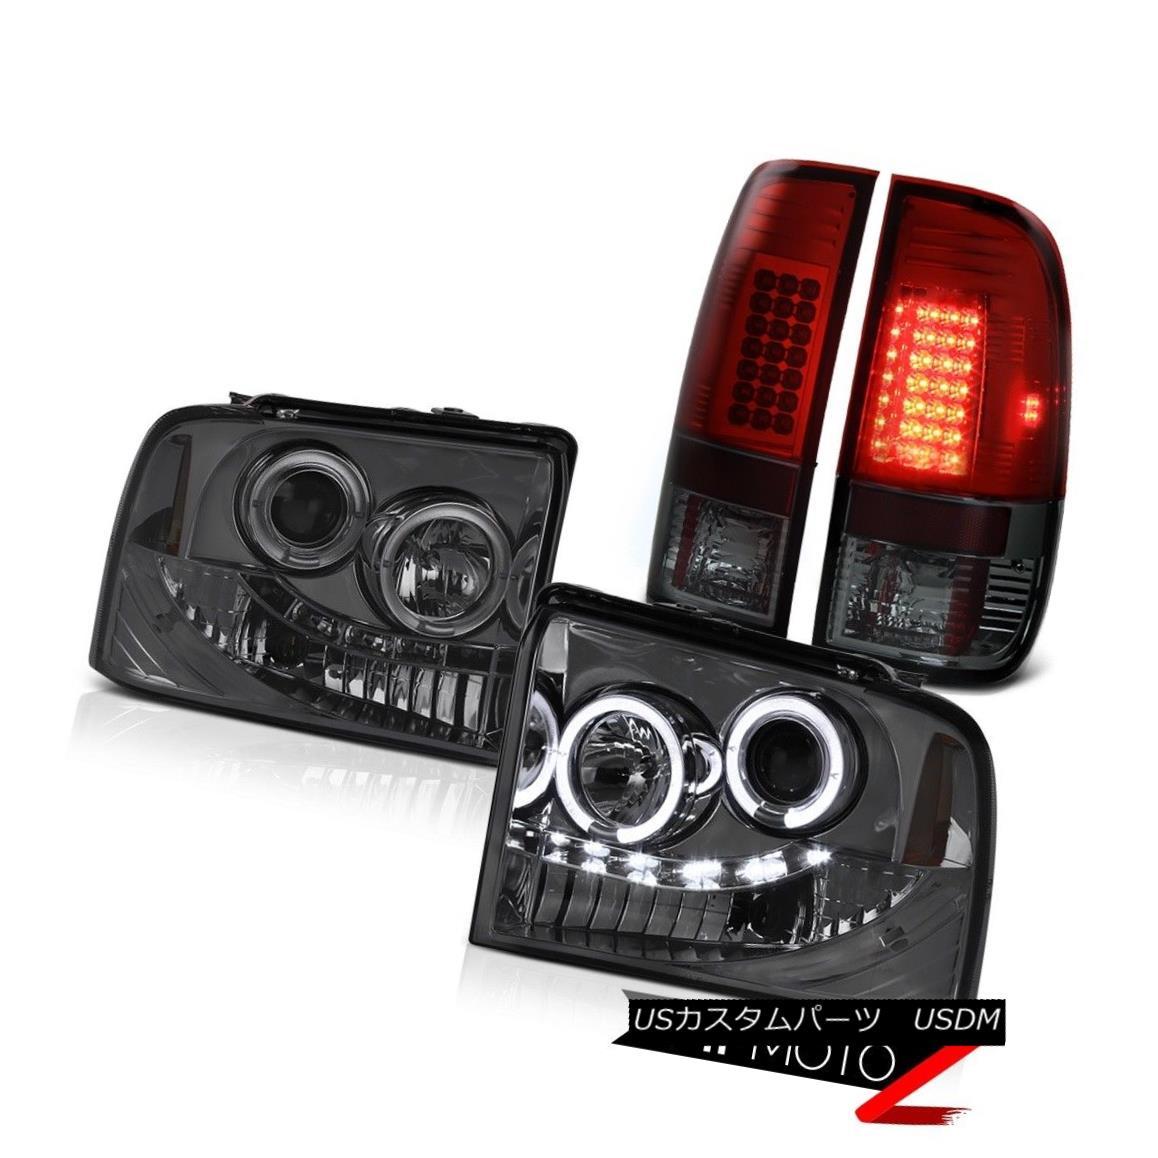 ヘッドライト LED Projector Headlight Smoke Cherry Red Tail Light Ford F350 XLT 2005 2006 2007 LEDプロジェクターヘッドライトスモークチェリーレッドテールライトフォードF350 XLT 2005 2006 2007